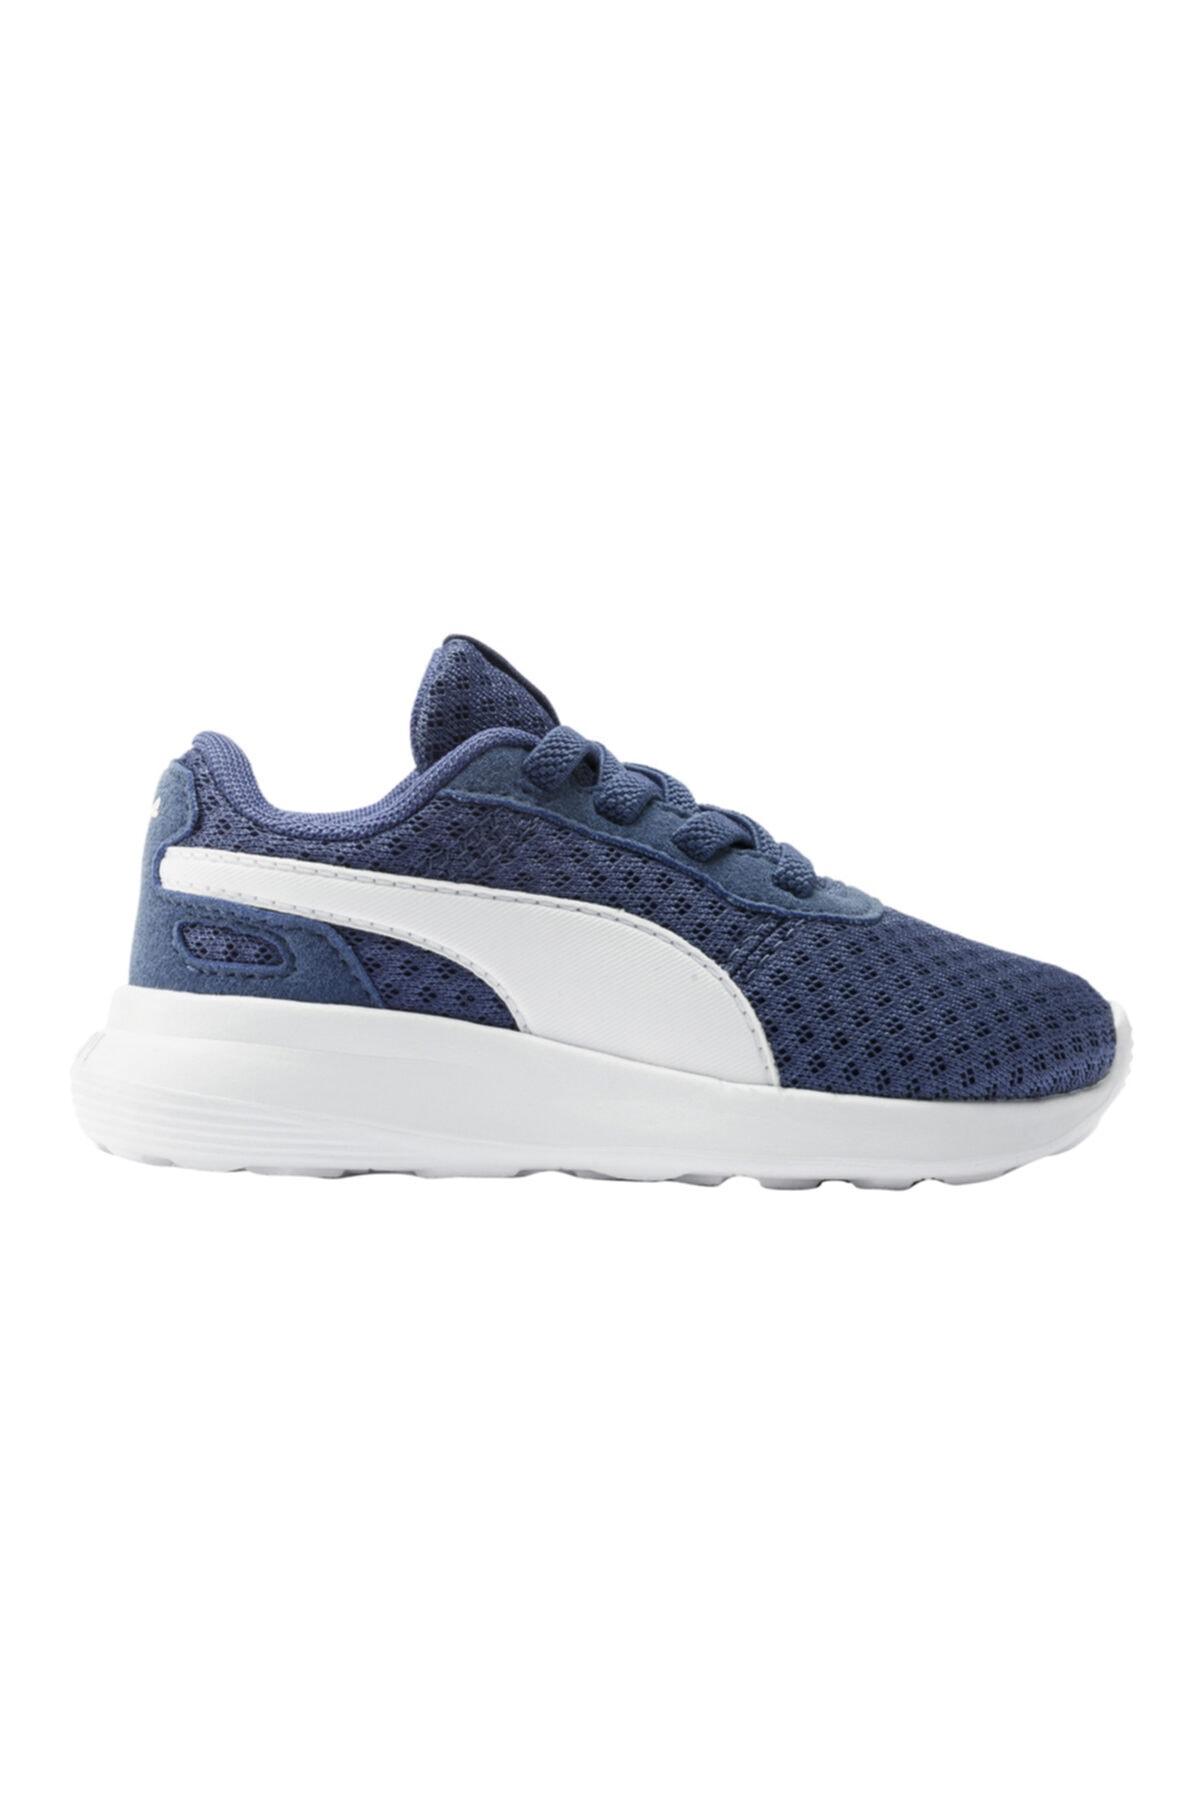 کفش اسپرت نوزاد دخترانه سال ۹۹ برند Puma رنگ آبی کد ty7117343